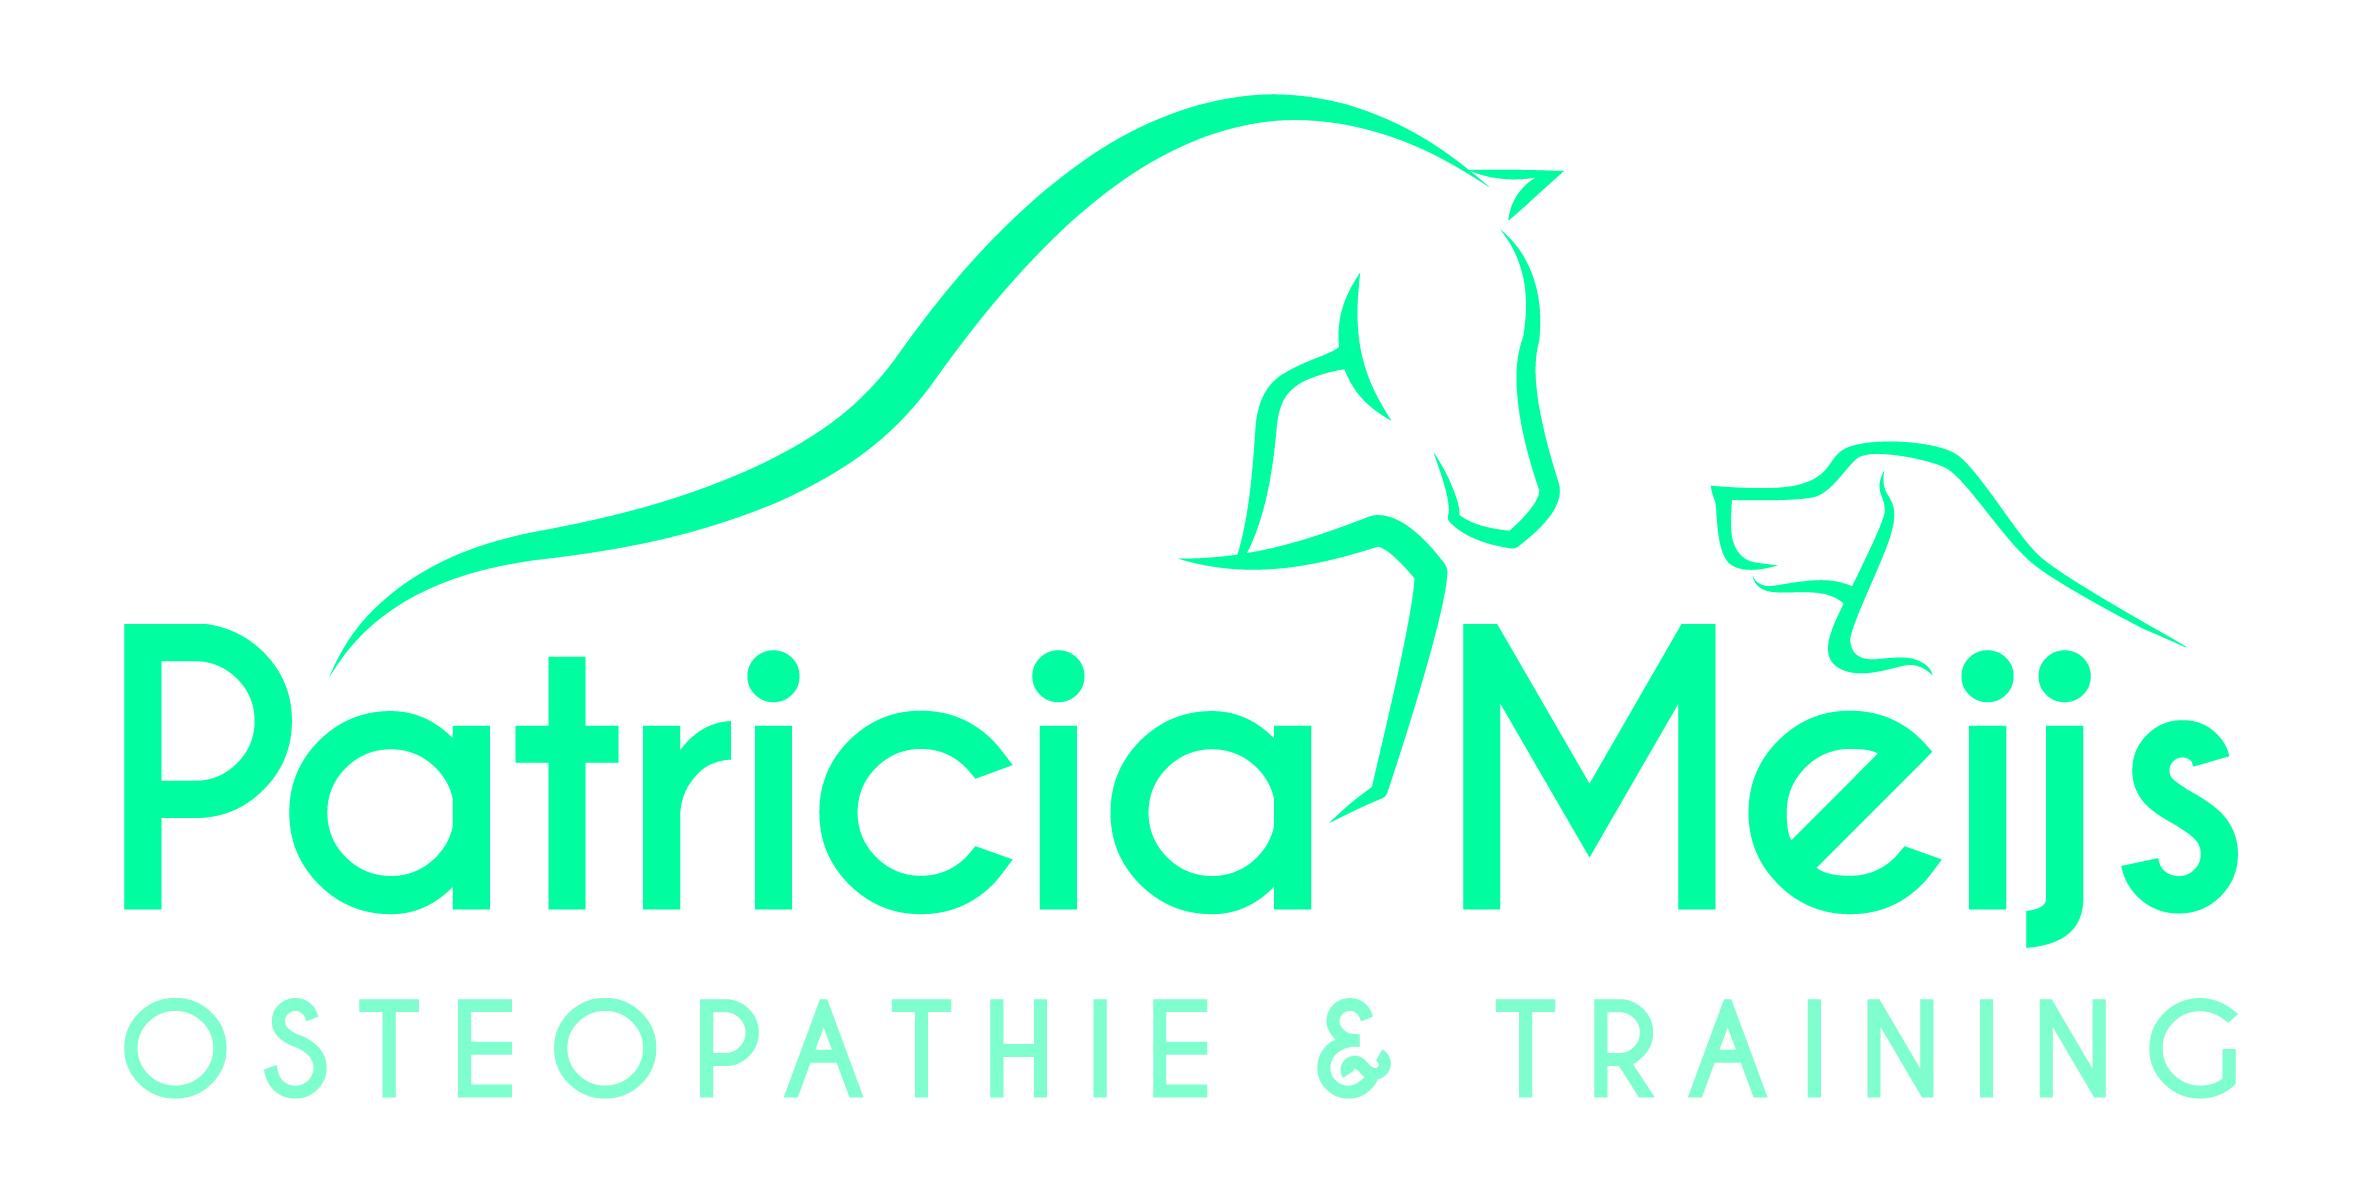 PM osteopathie logo